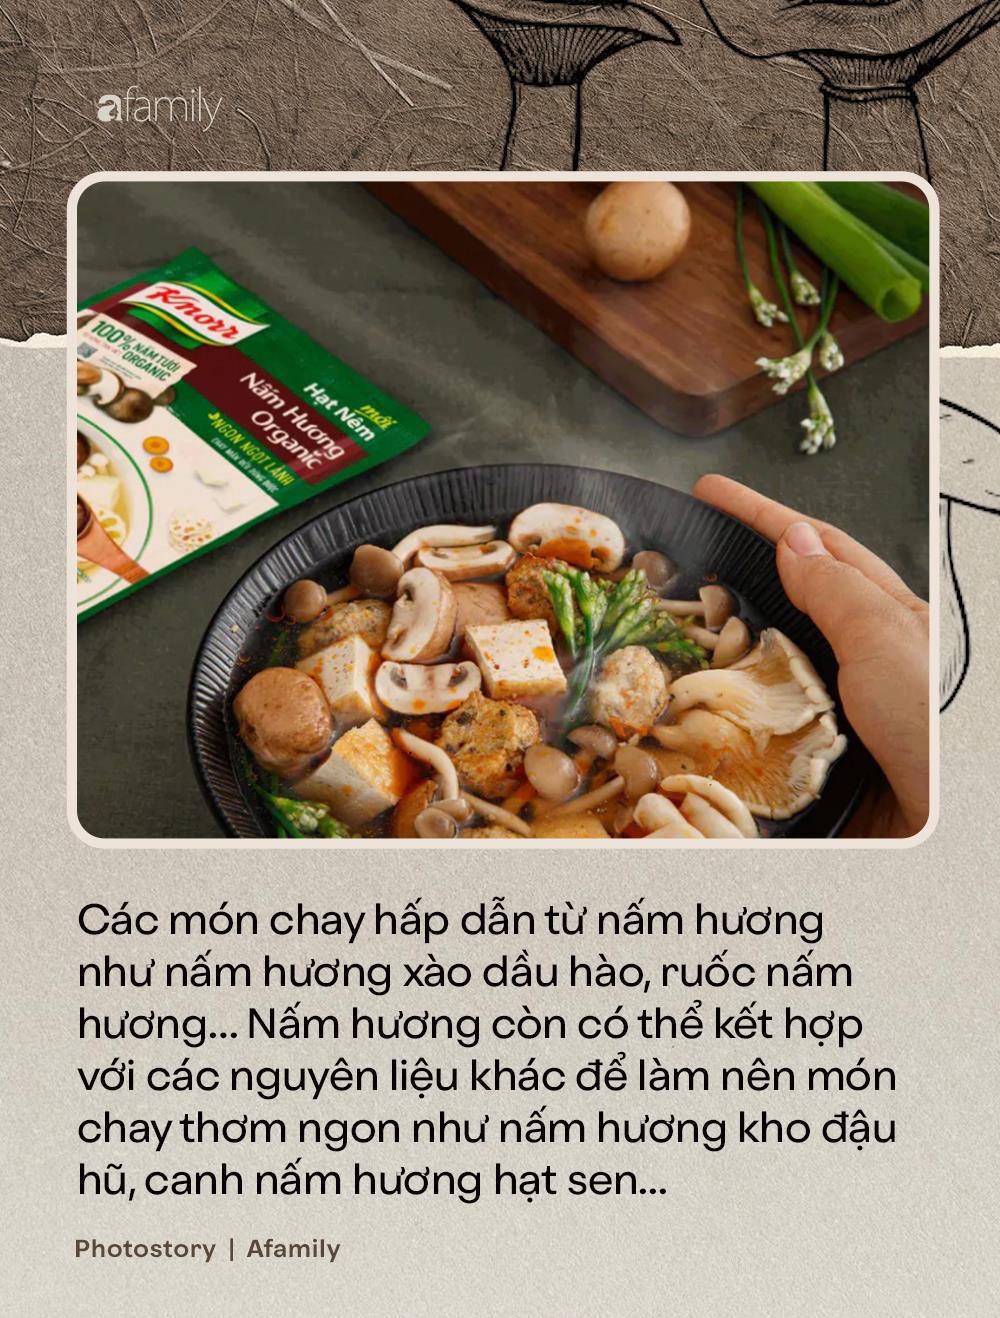 Nấm hương, thứ nguyên liệu thần thánh nhất định không thể thiếu trong ẩm thực món chay - Ảnh 5.